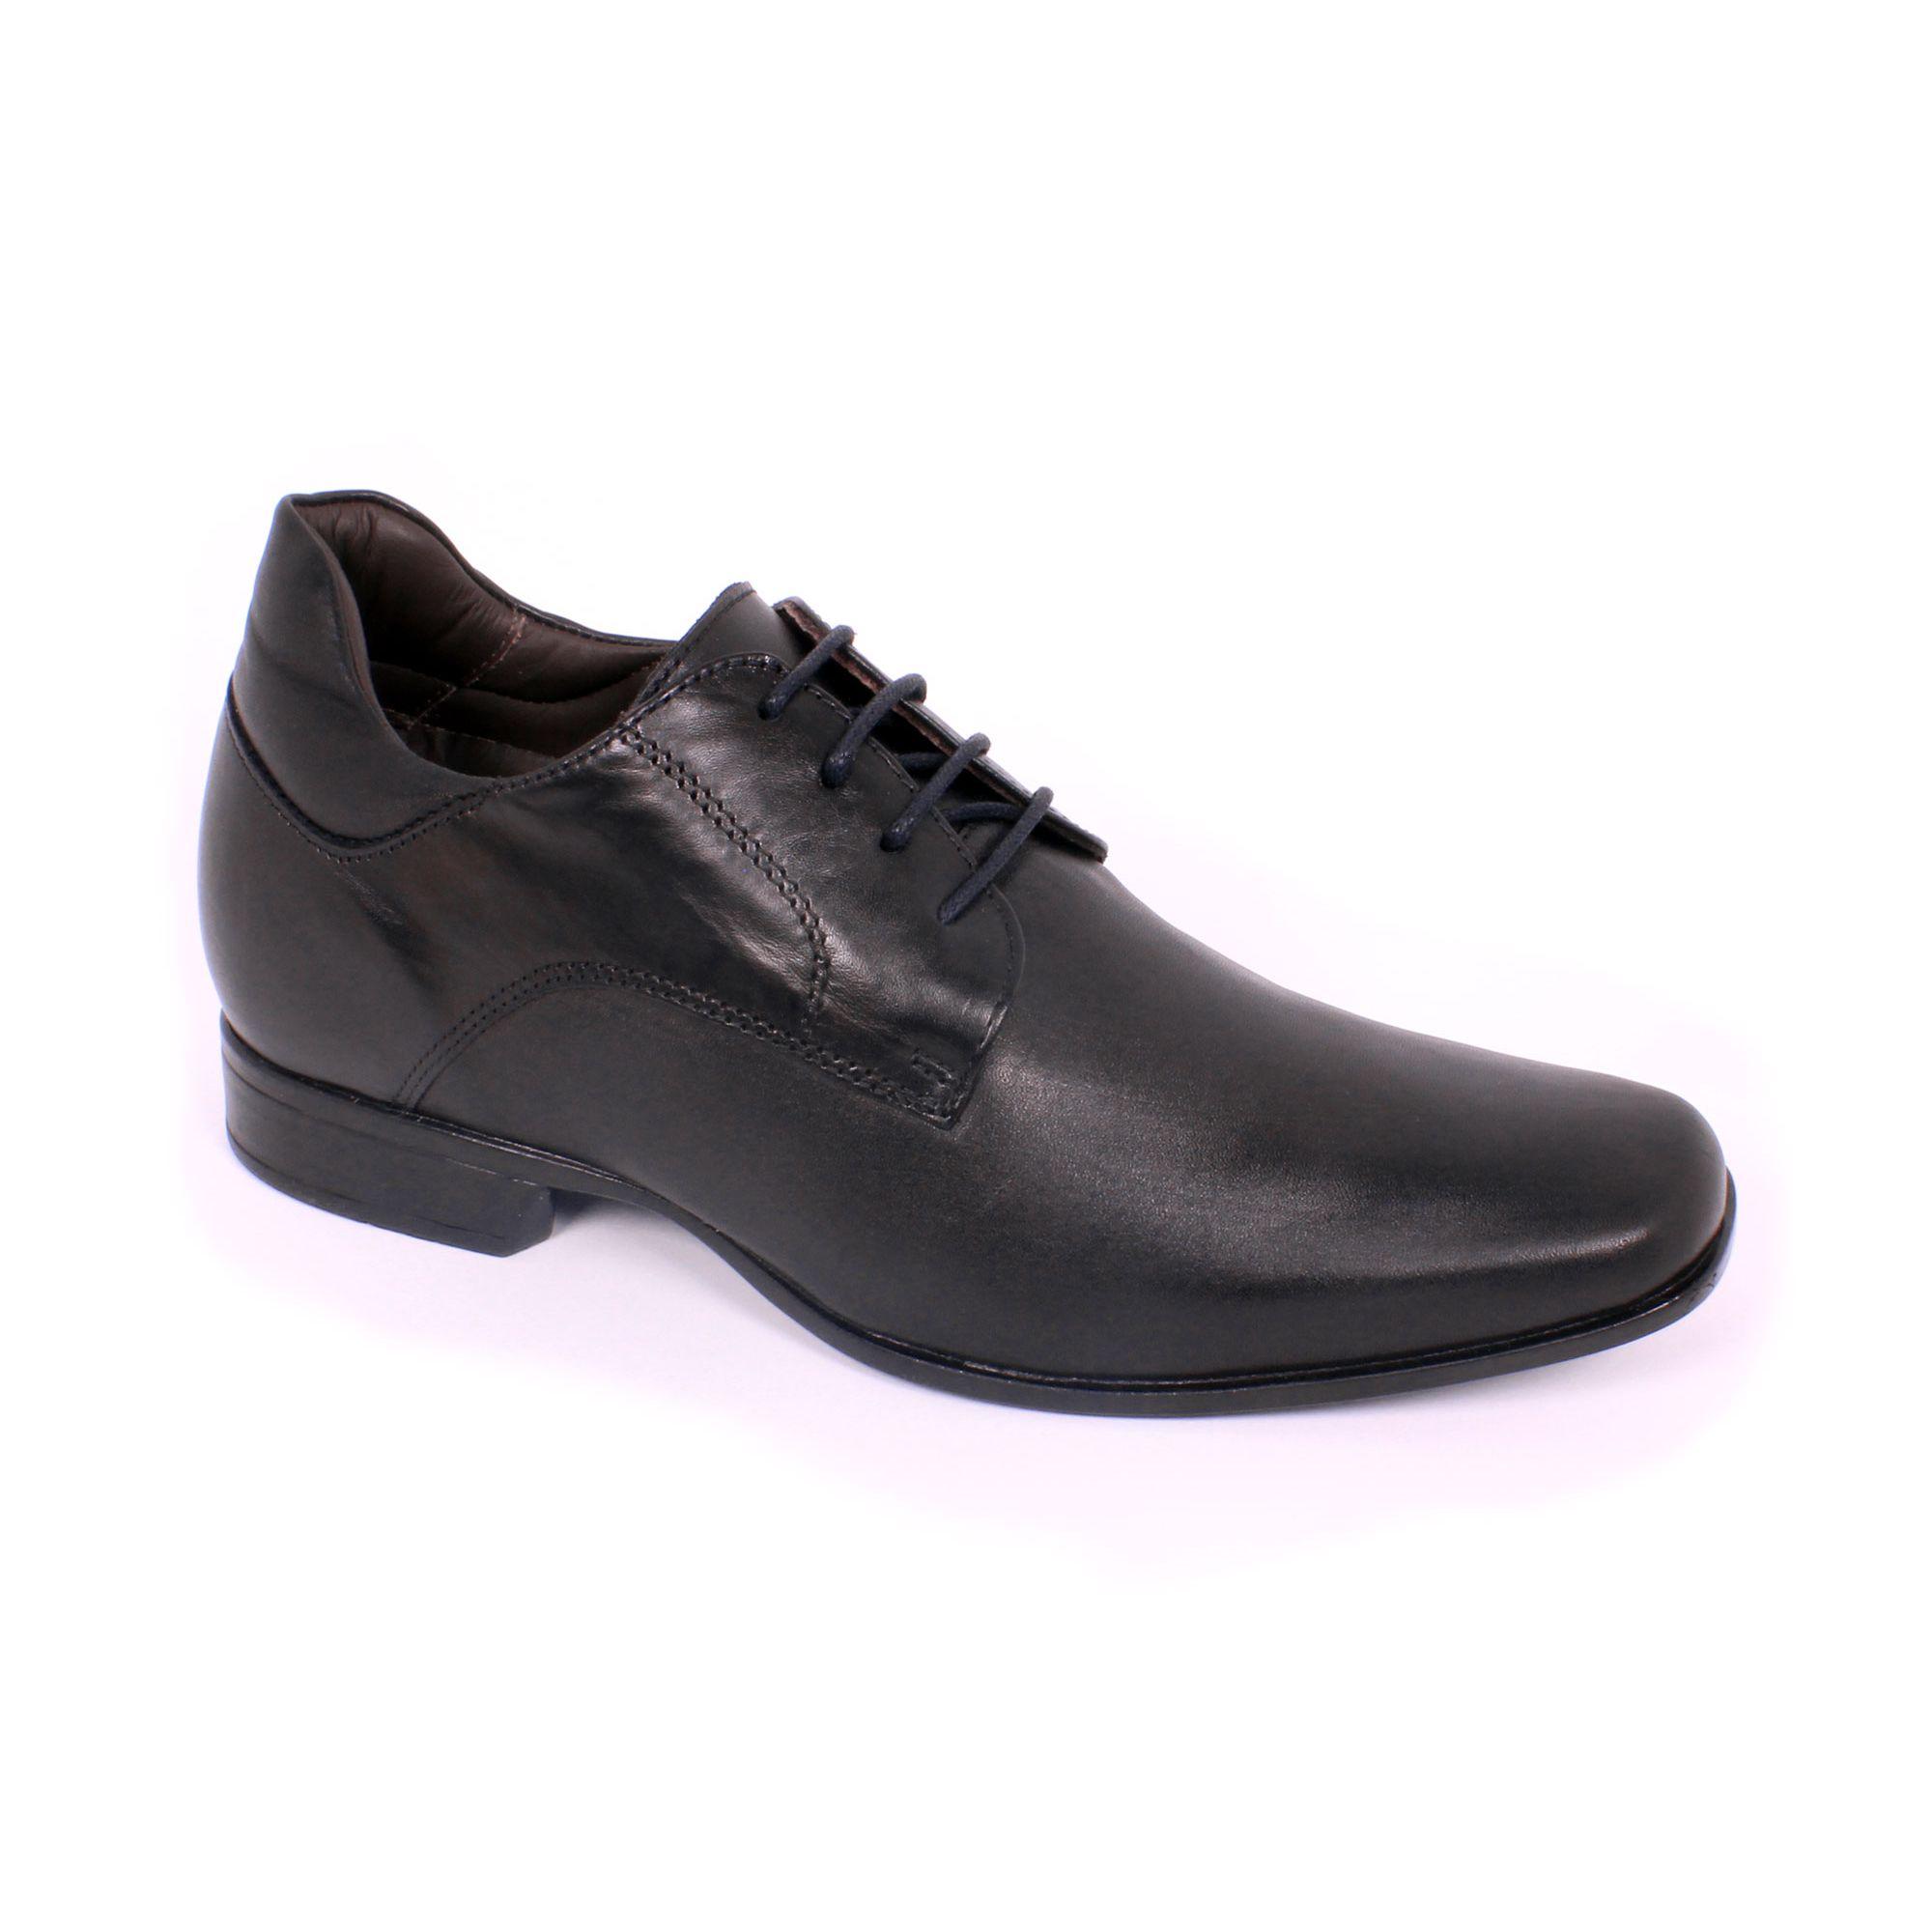 Zapato Formal Fashion Negro Max Denegri +7cm de Altura_70820